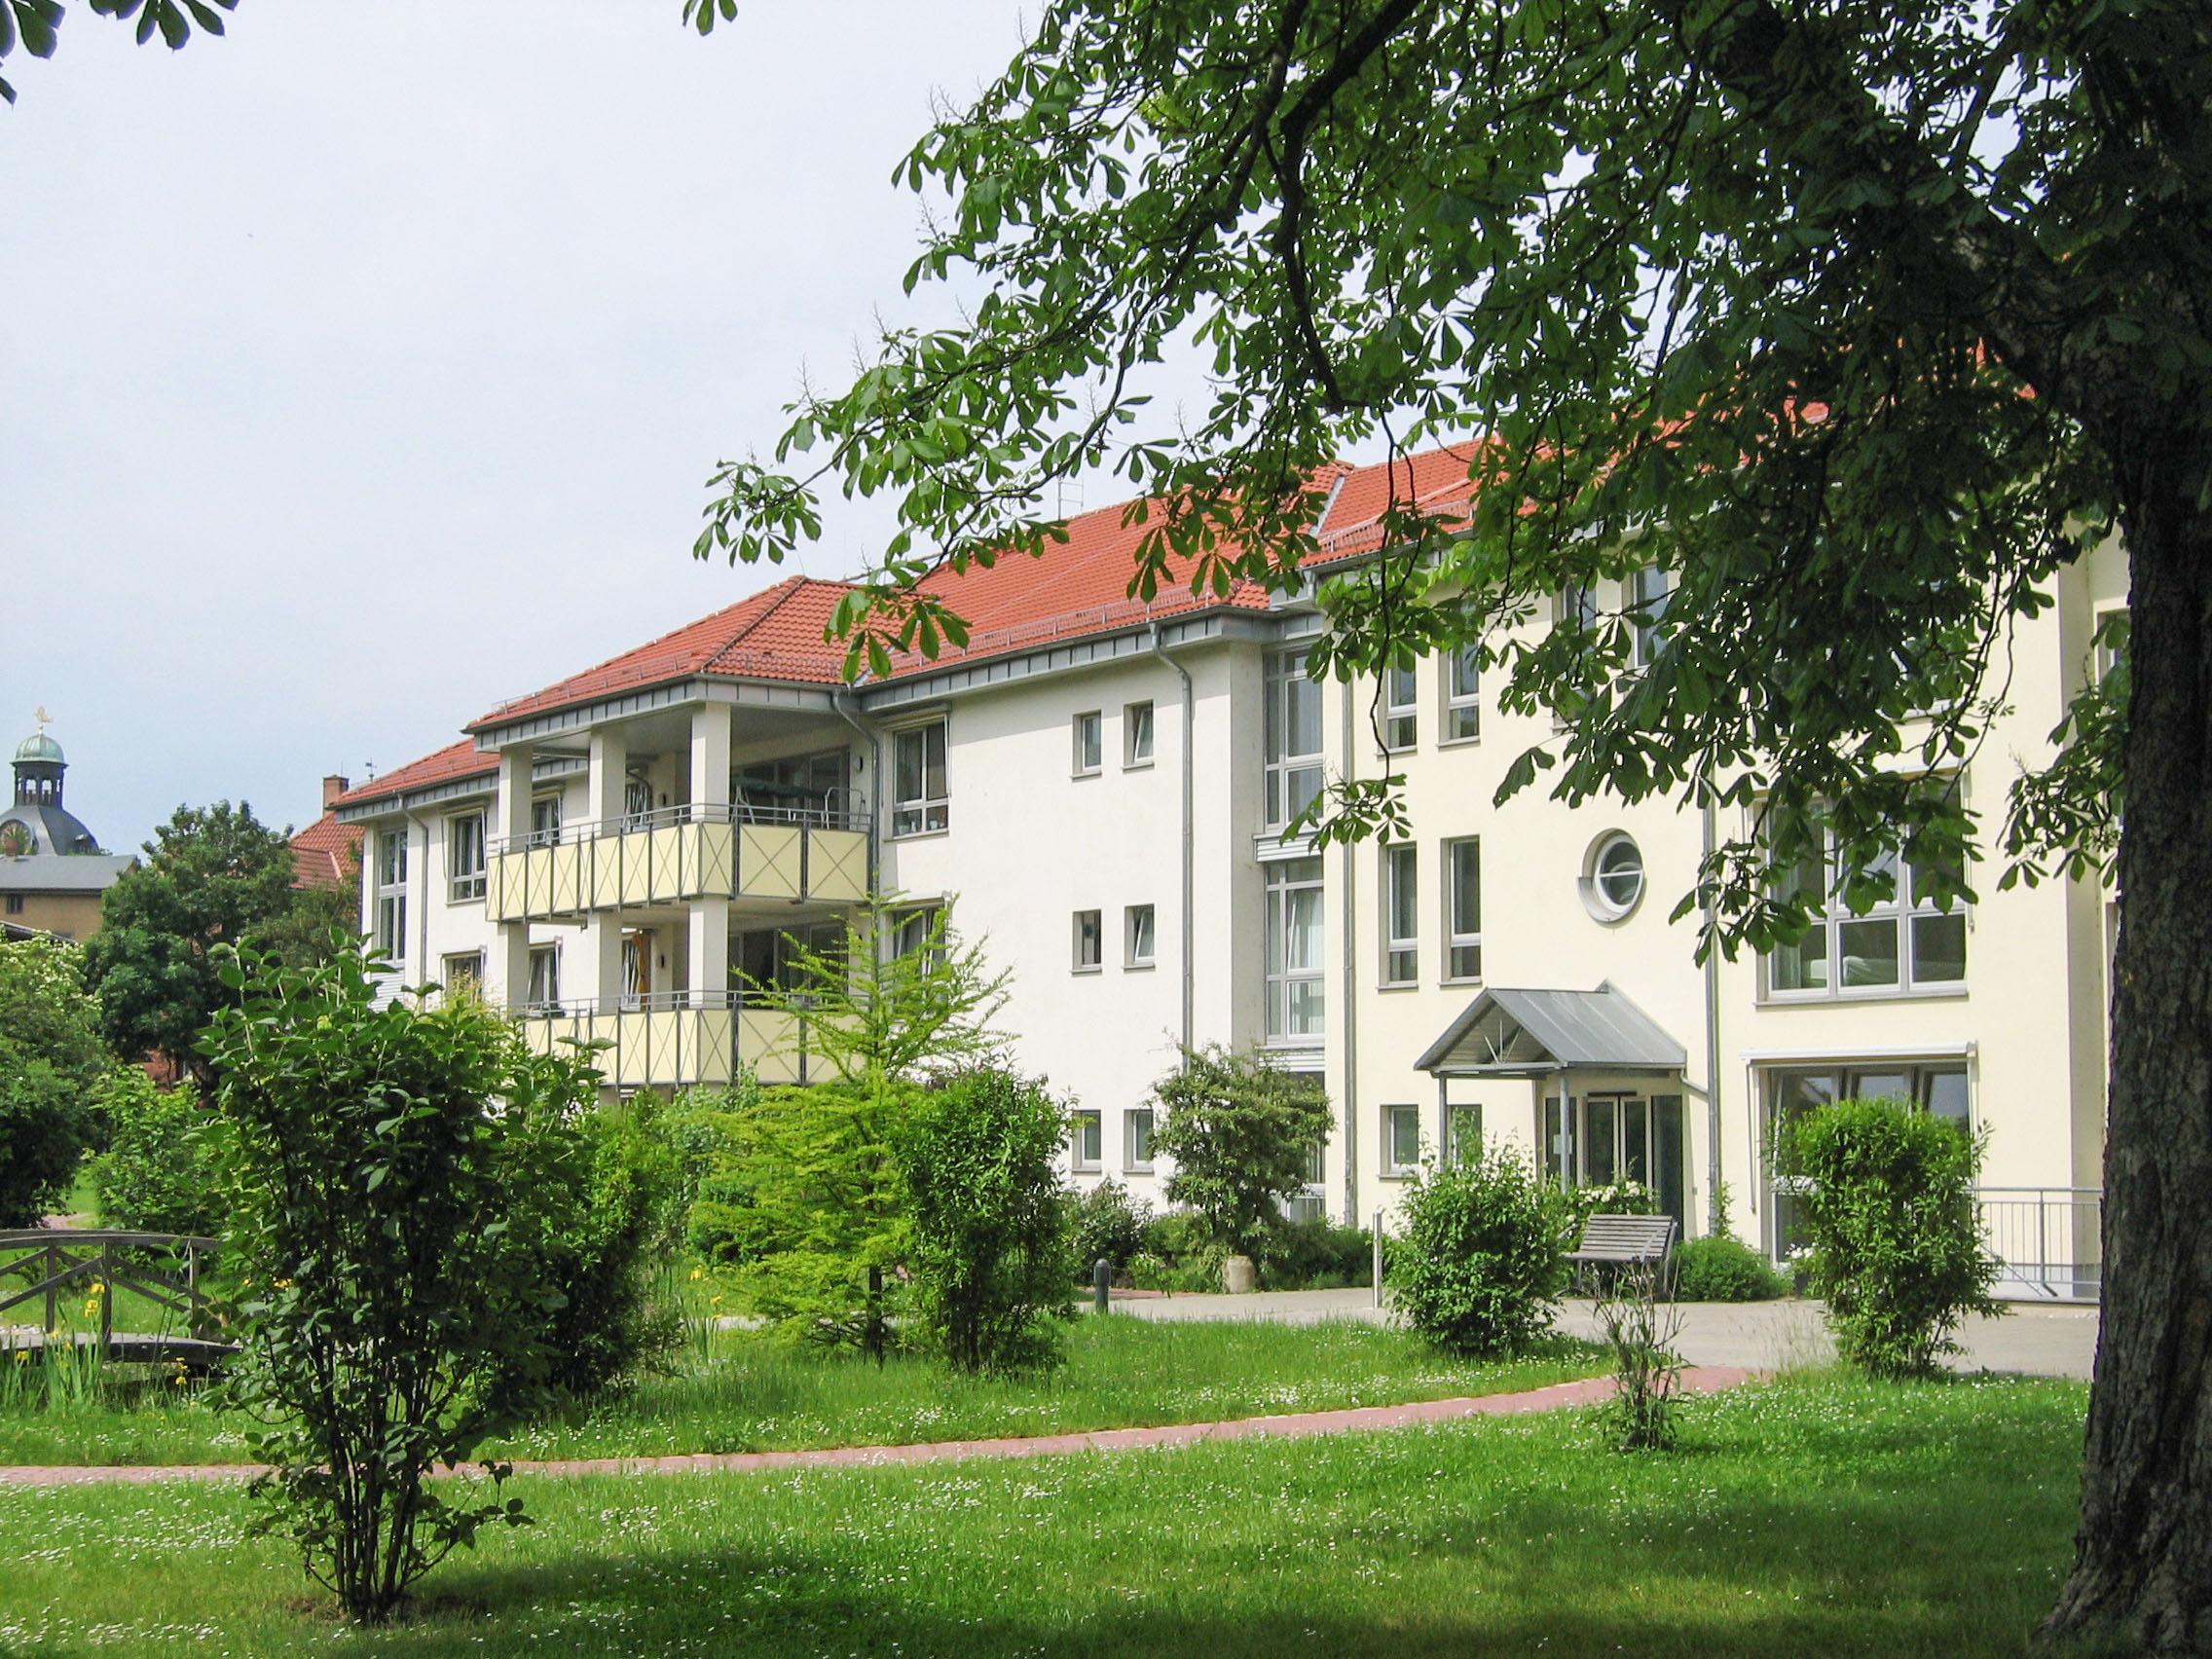 zz_geschwisterschollstrasse_wohnheim_shz_1